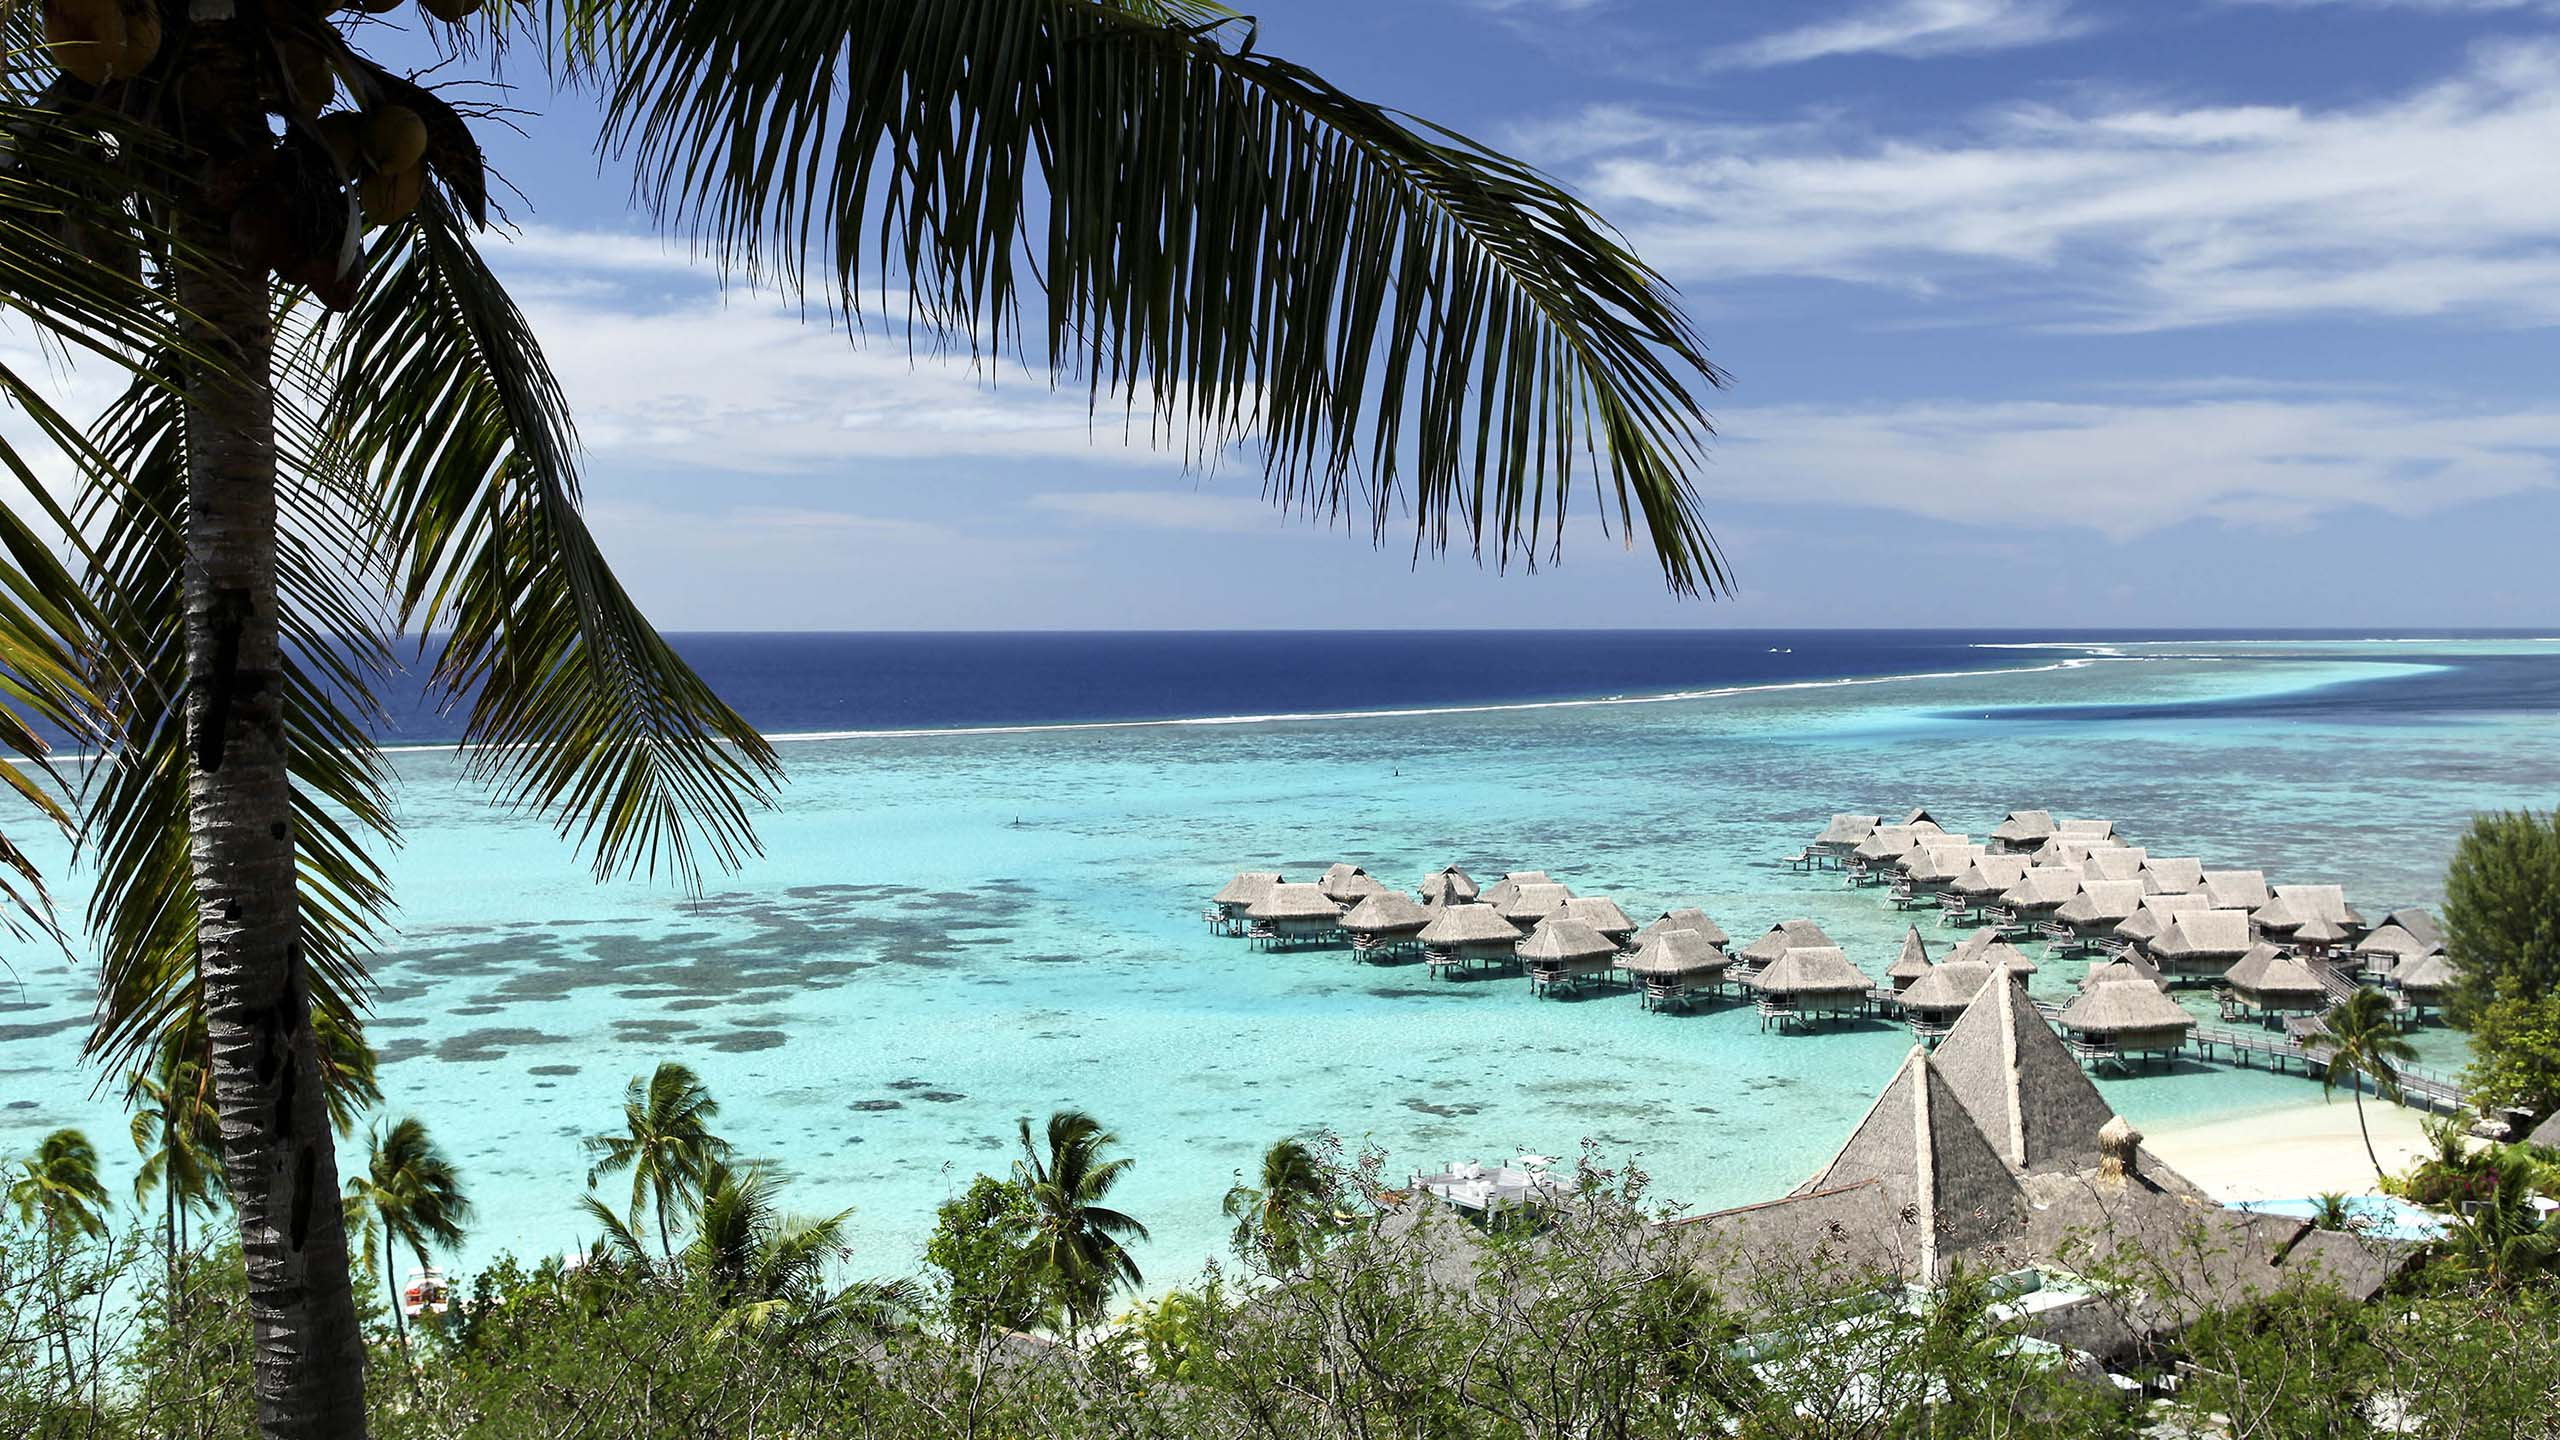 Hotel di Lusso a MAHAREPA  Sofitel Moorea Ia Ora Beach Resort